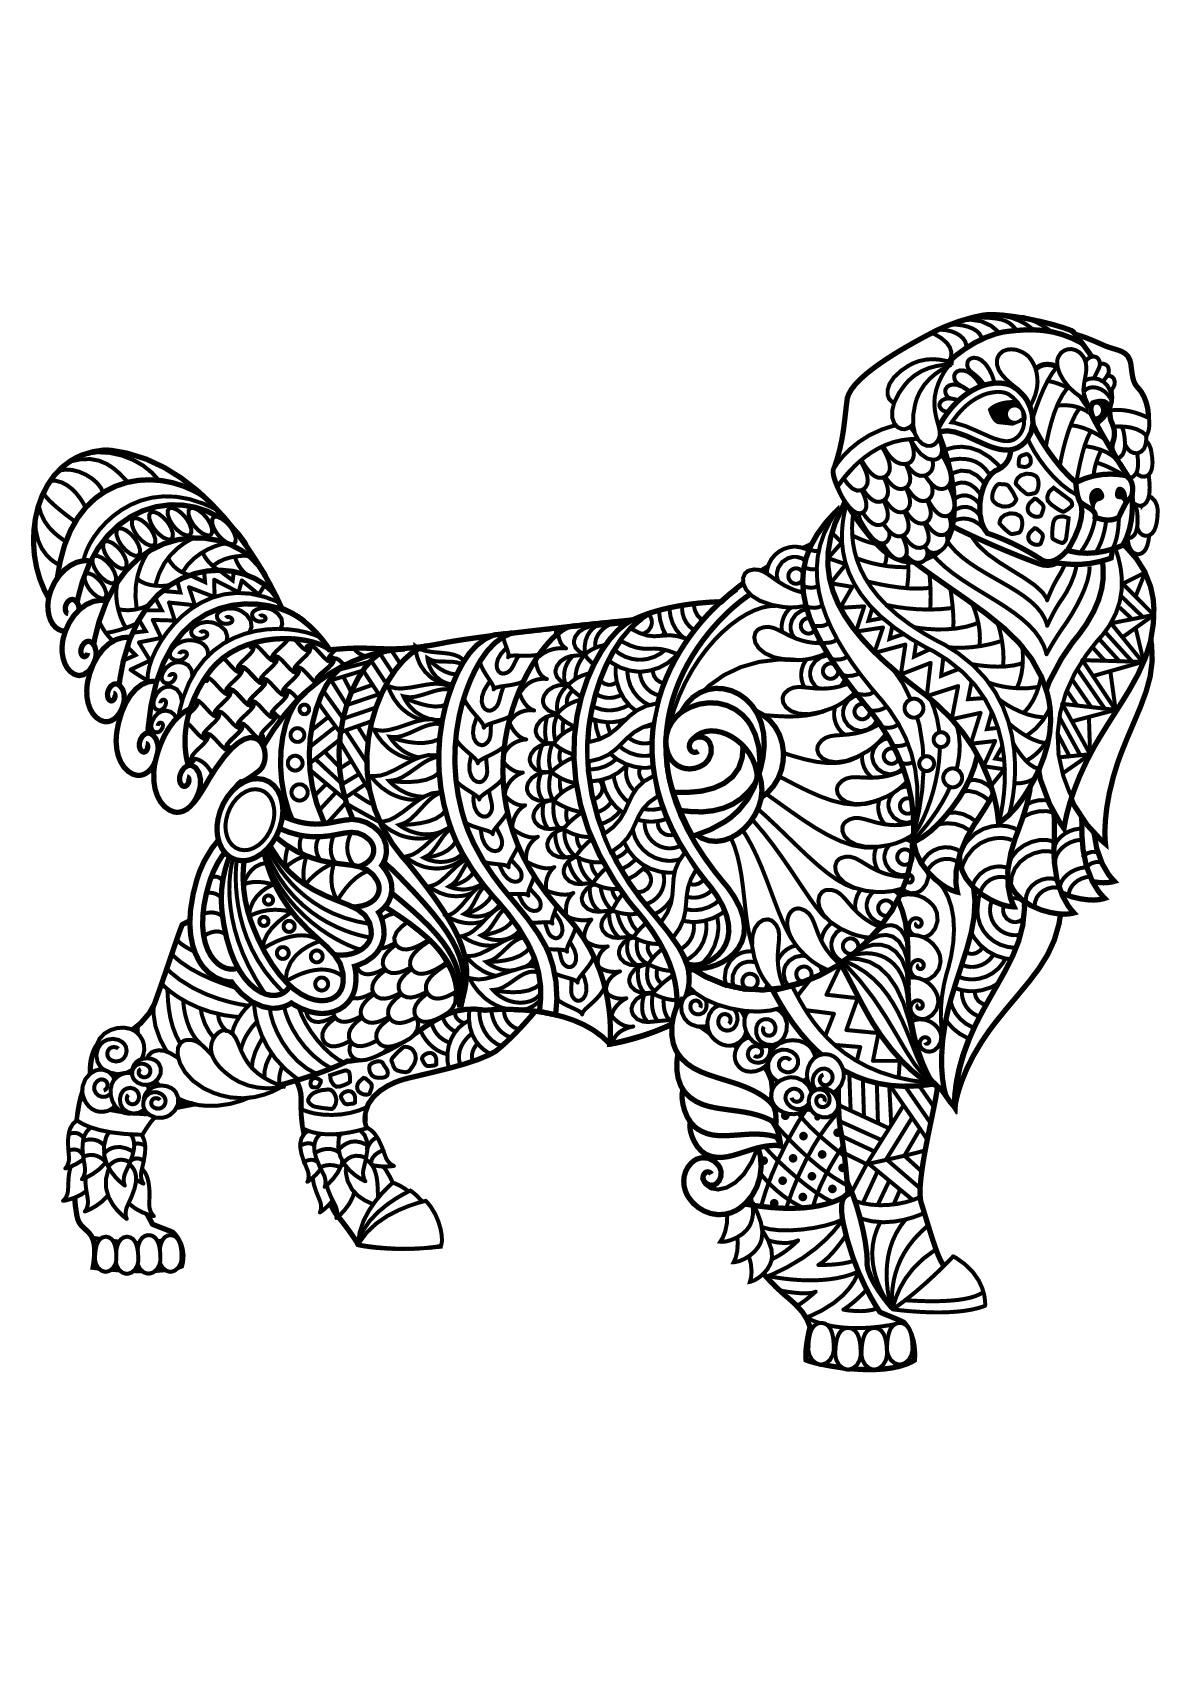 Perros 39066 - Perros - Colorear para Adultos